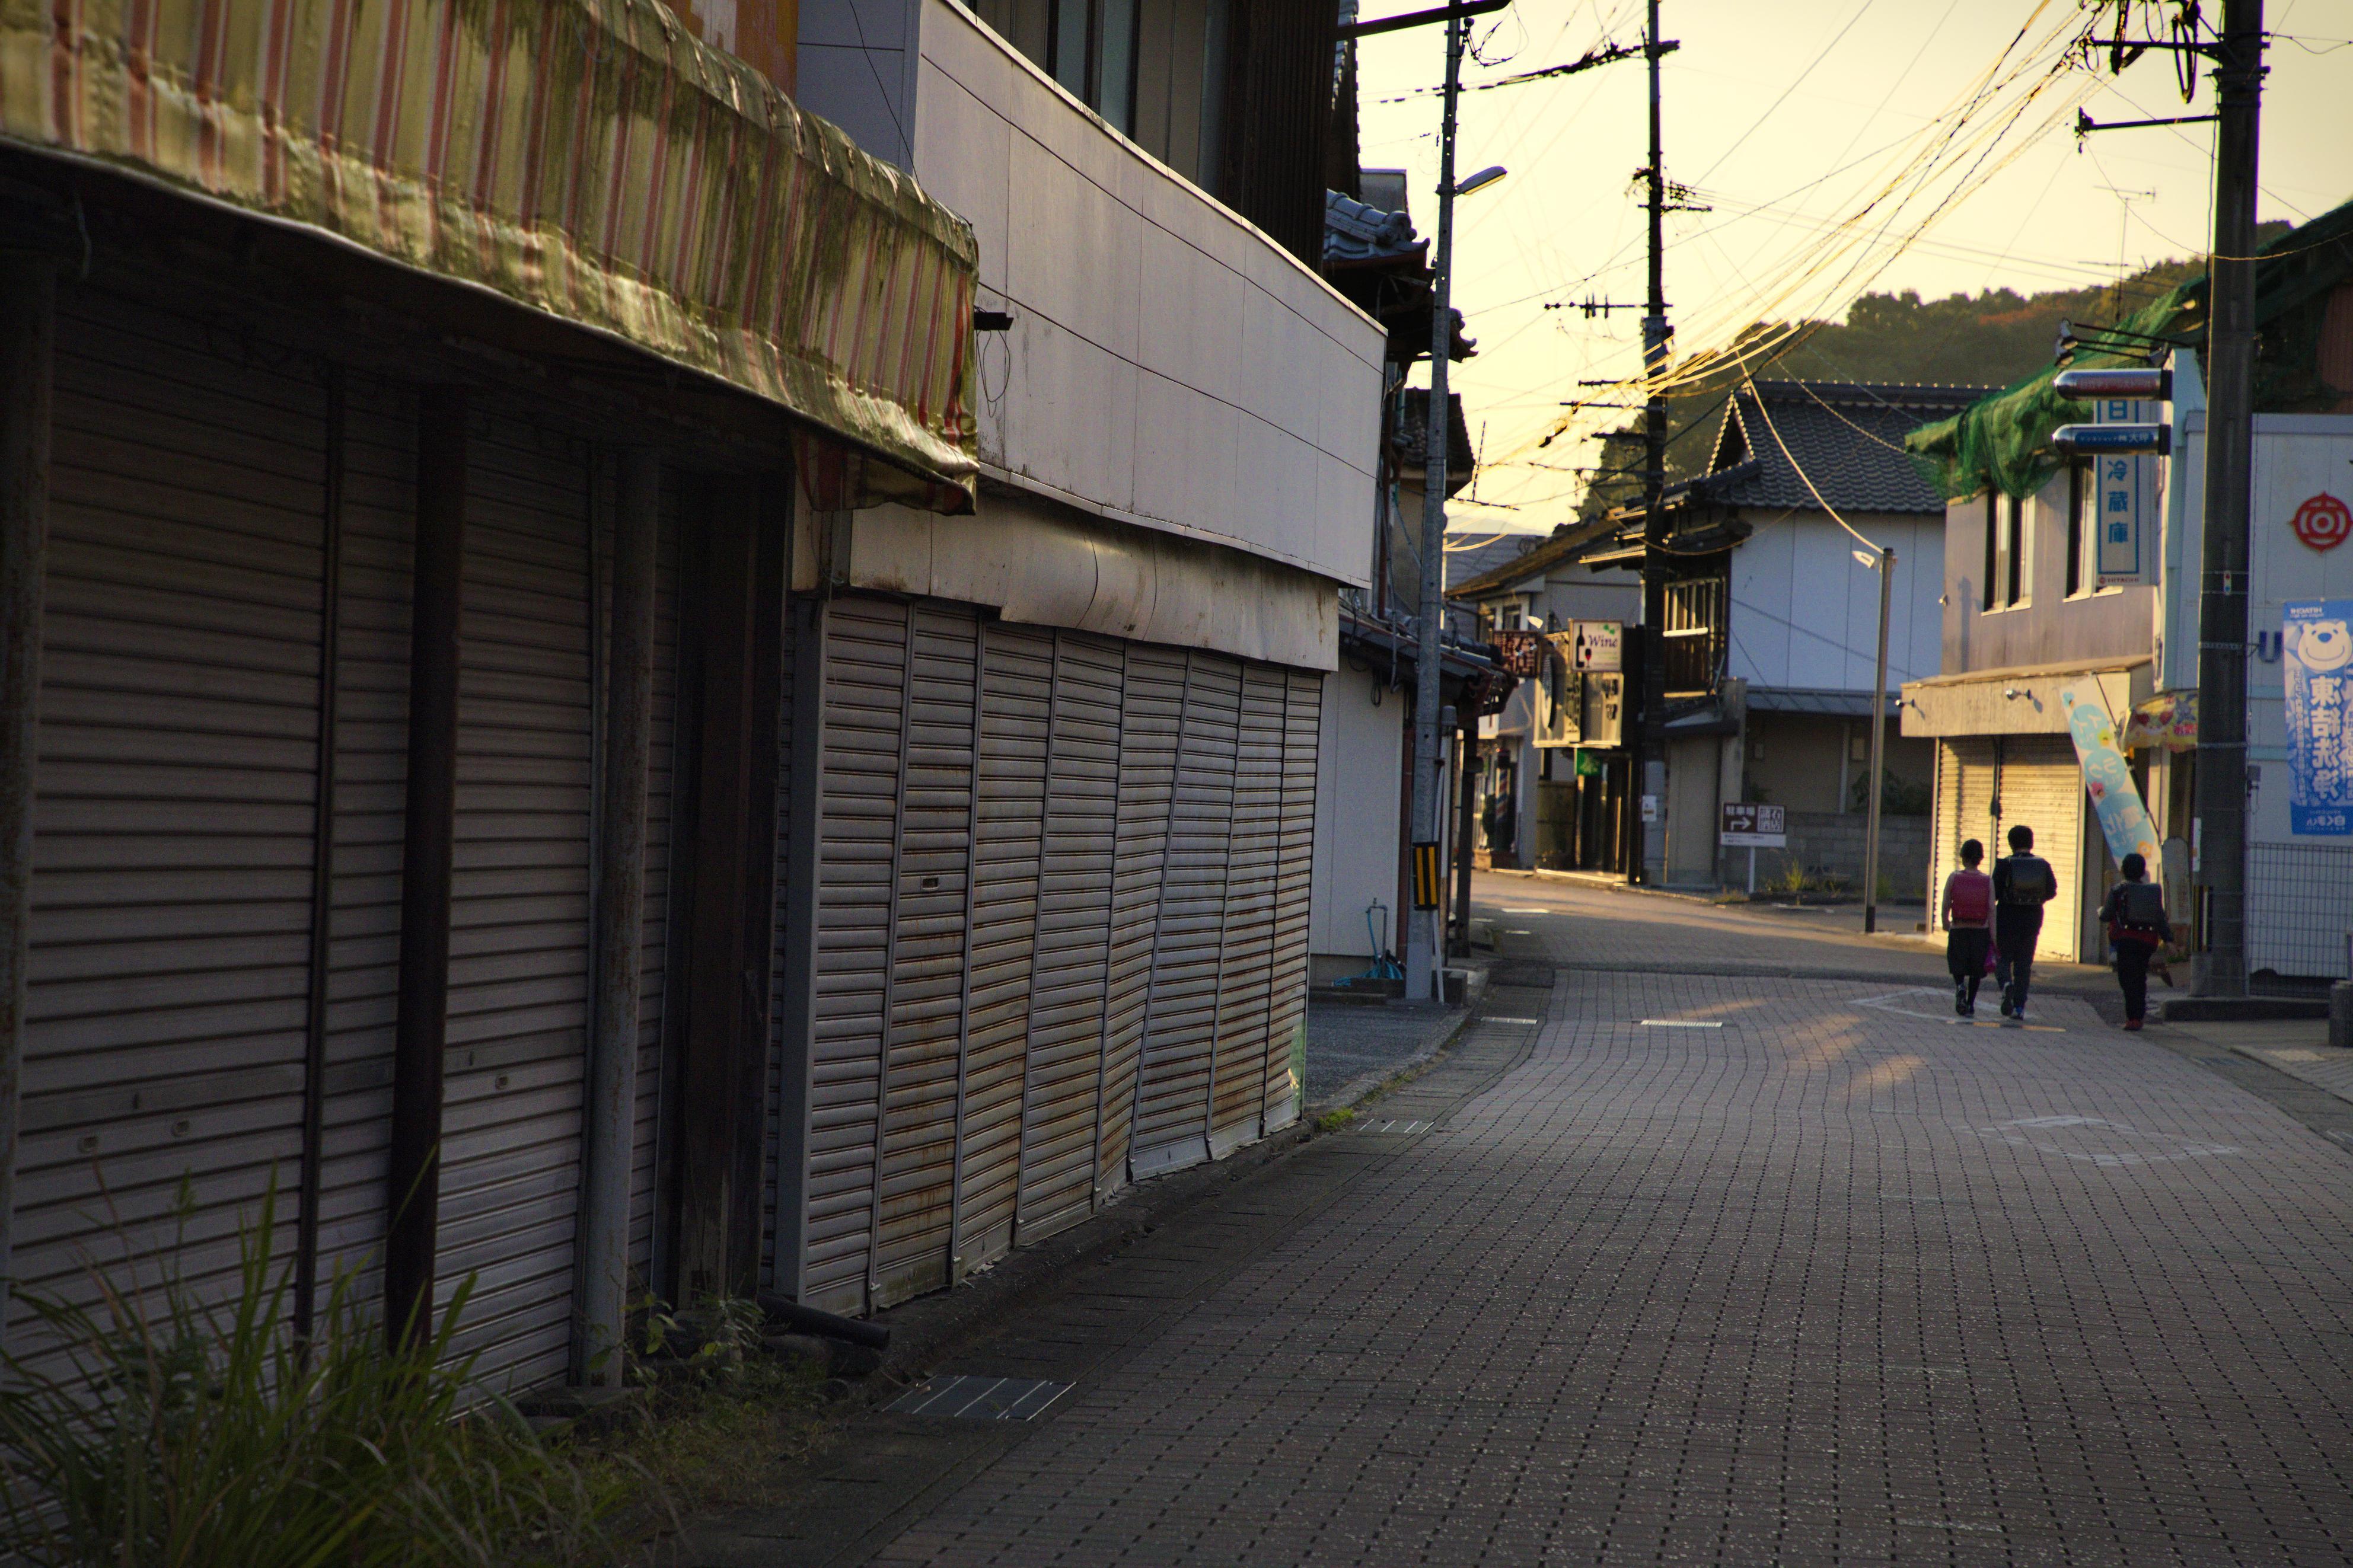 かつて炭鉱町としてにぎわった商店街。今はシャッターをおろした店が多い=佐賀県大町町